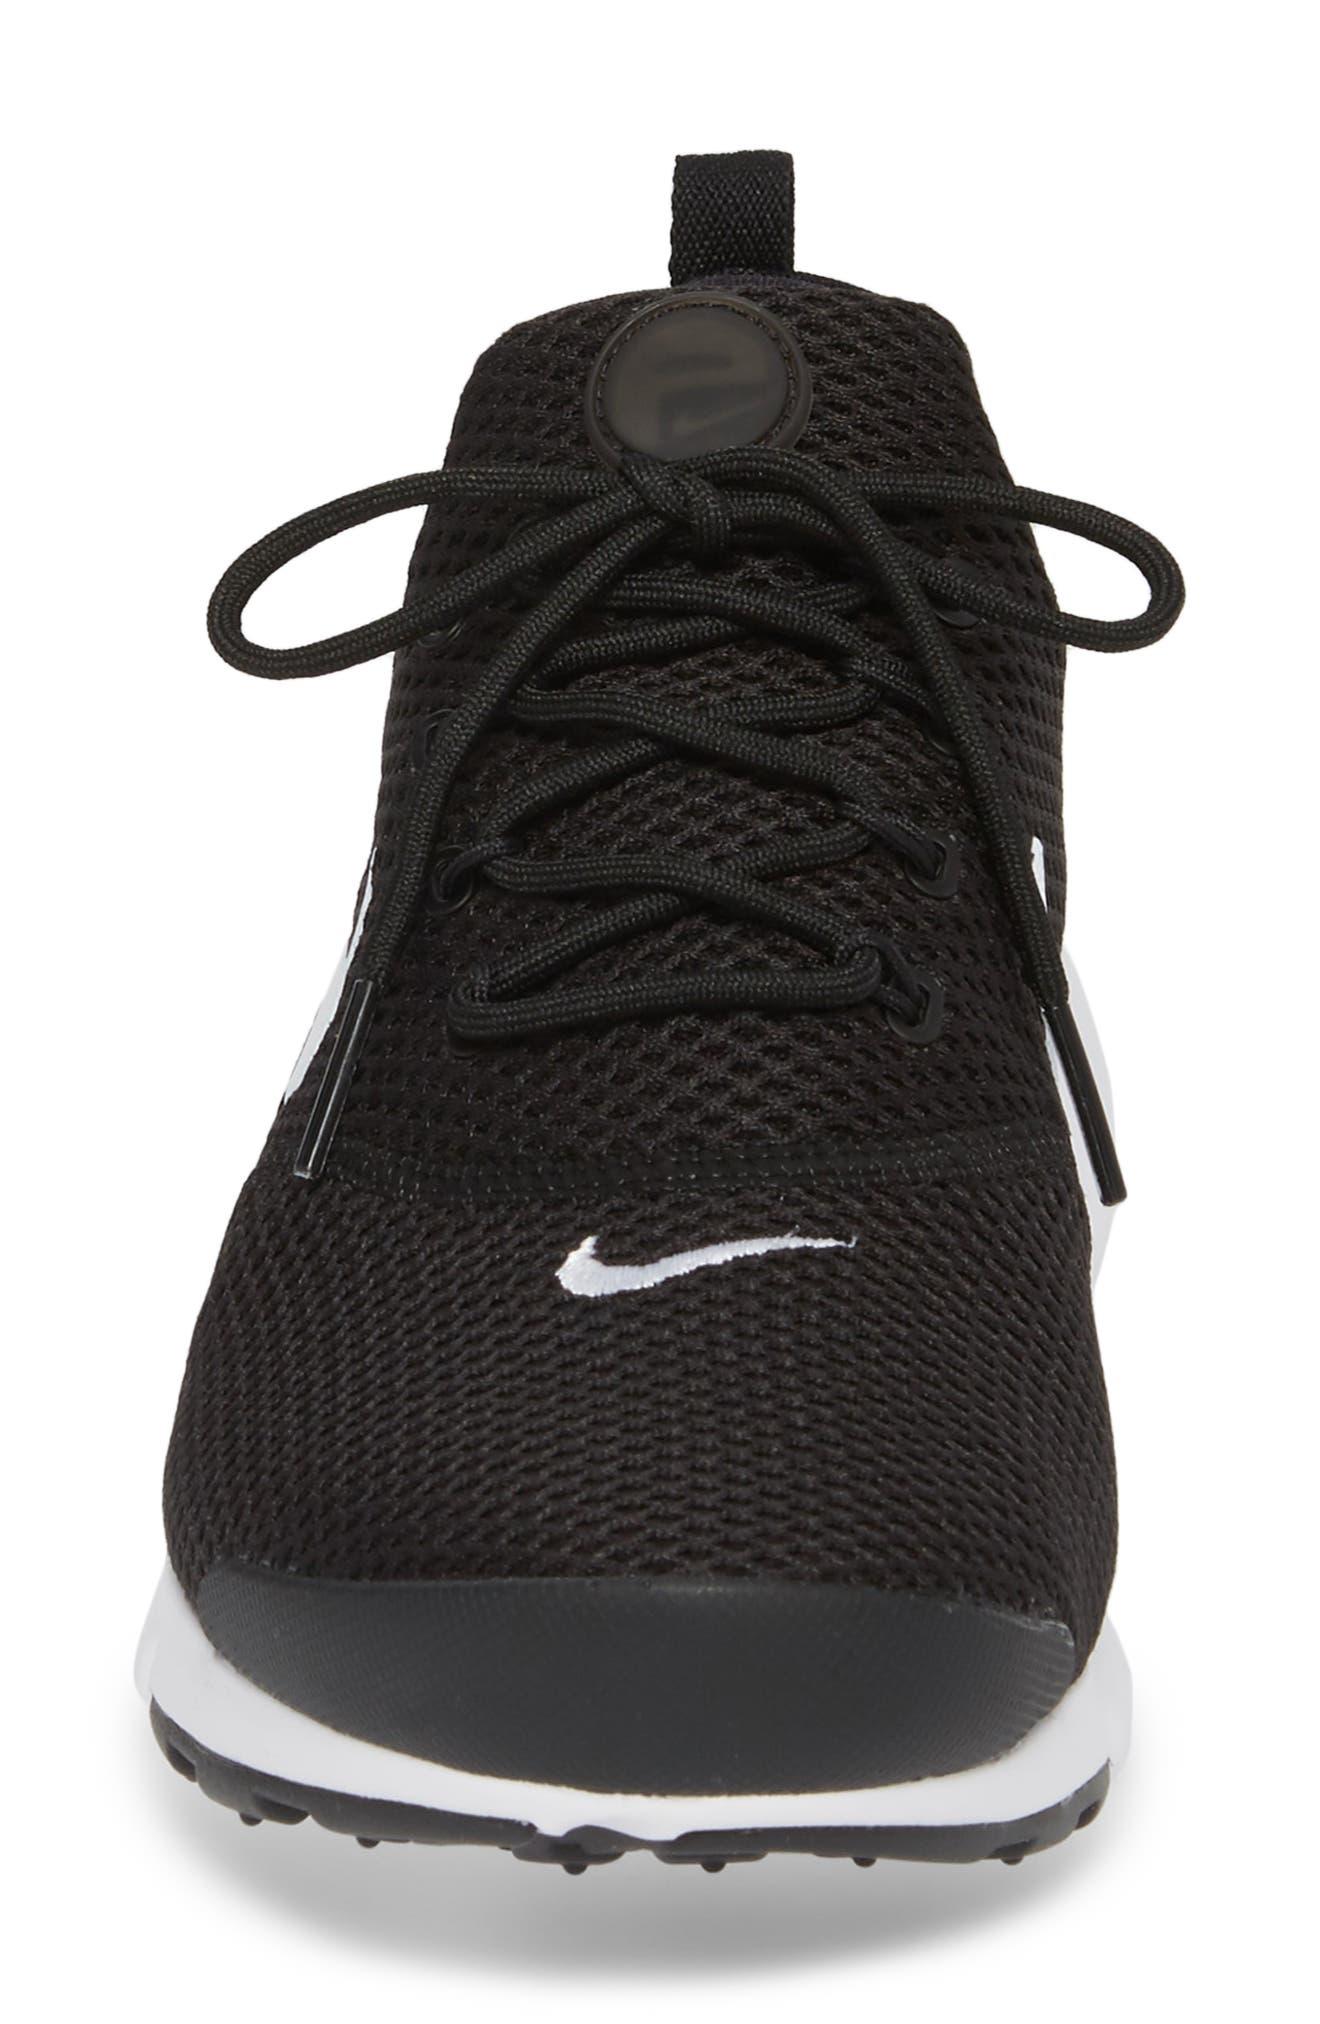 Presto Fly Sneaker,                             Alternate thumbnail 4, color,                             Black/ White/ White